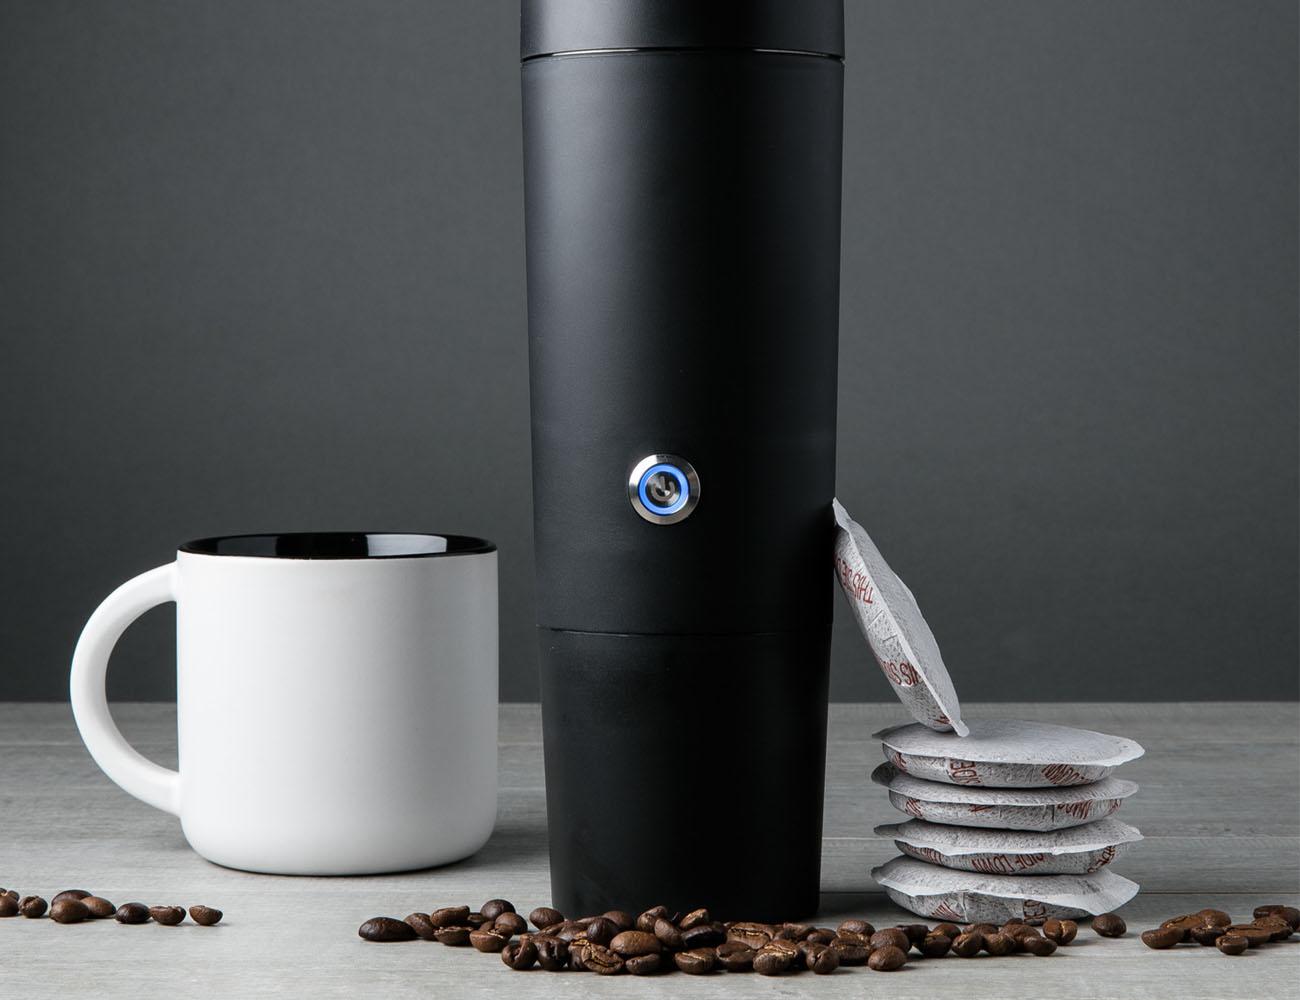 Hey Joe Coffee Brewer & Mug